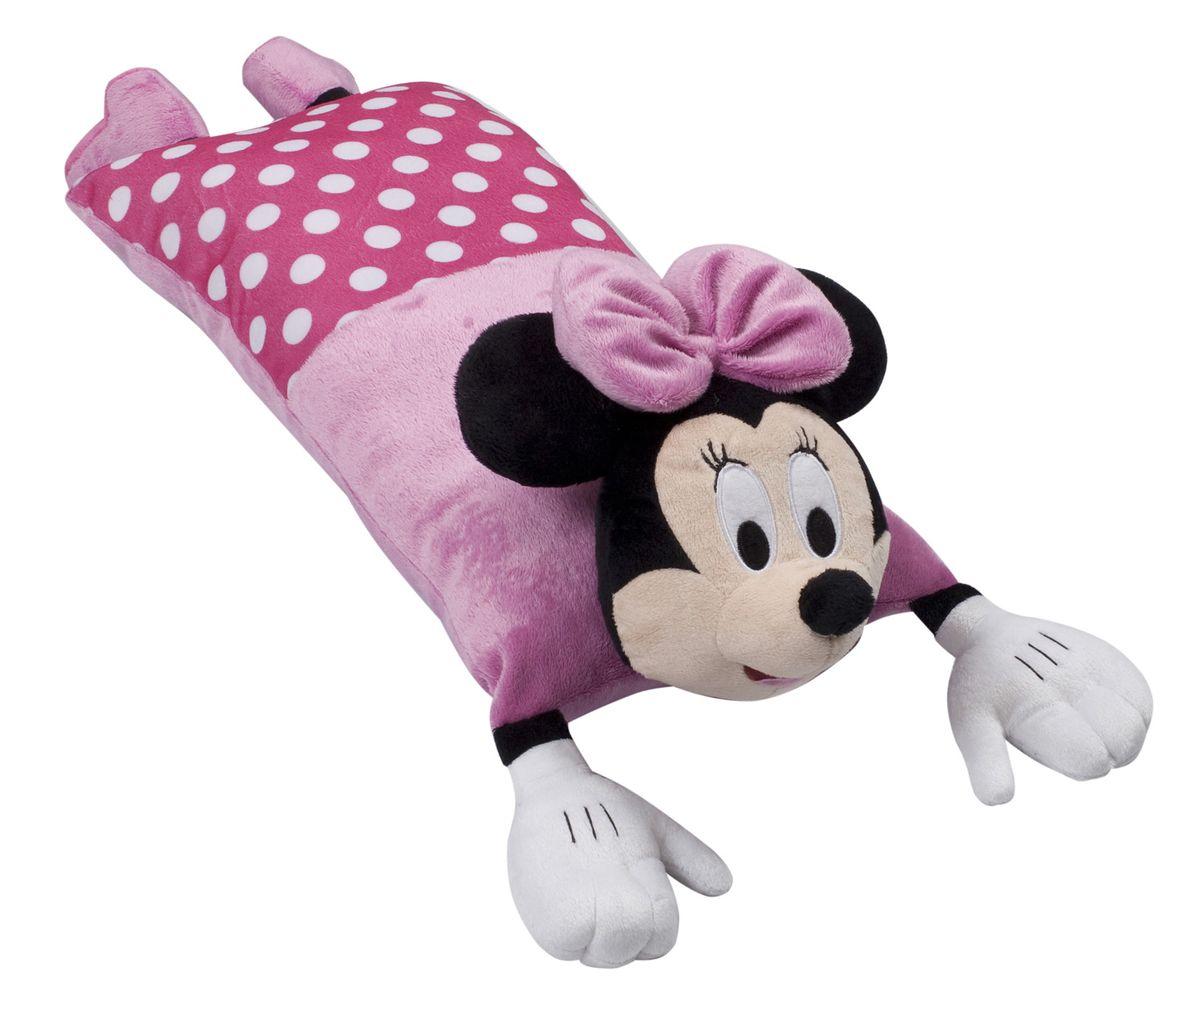 Disney Подушка Minnie Mouse 50 х 25 см